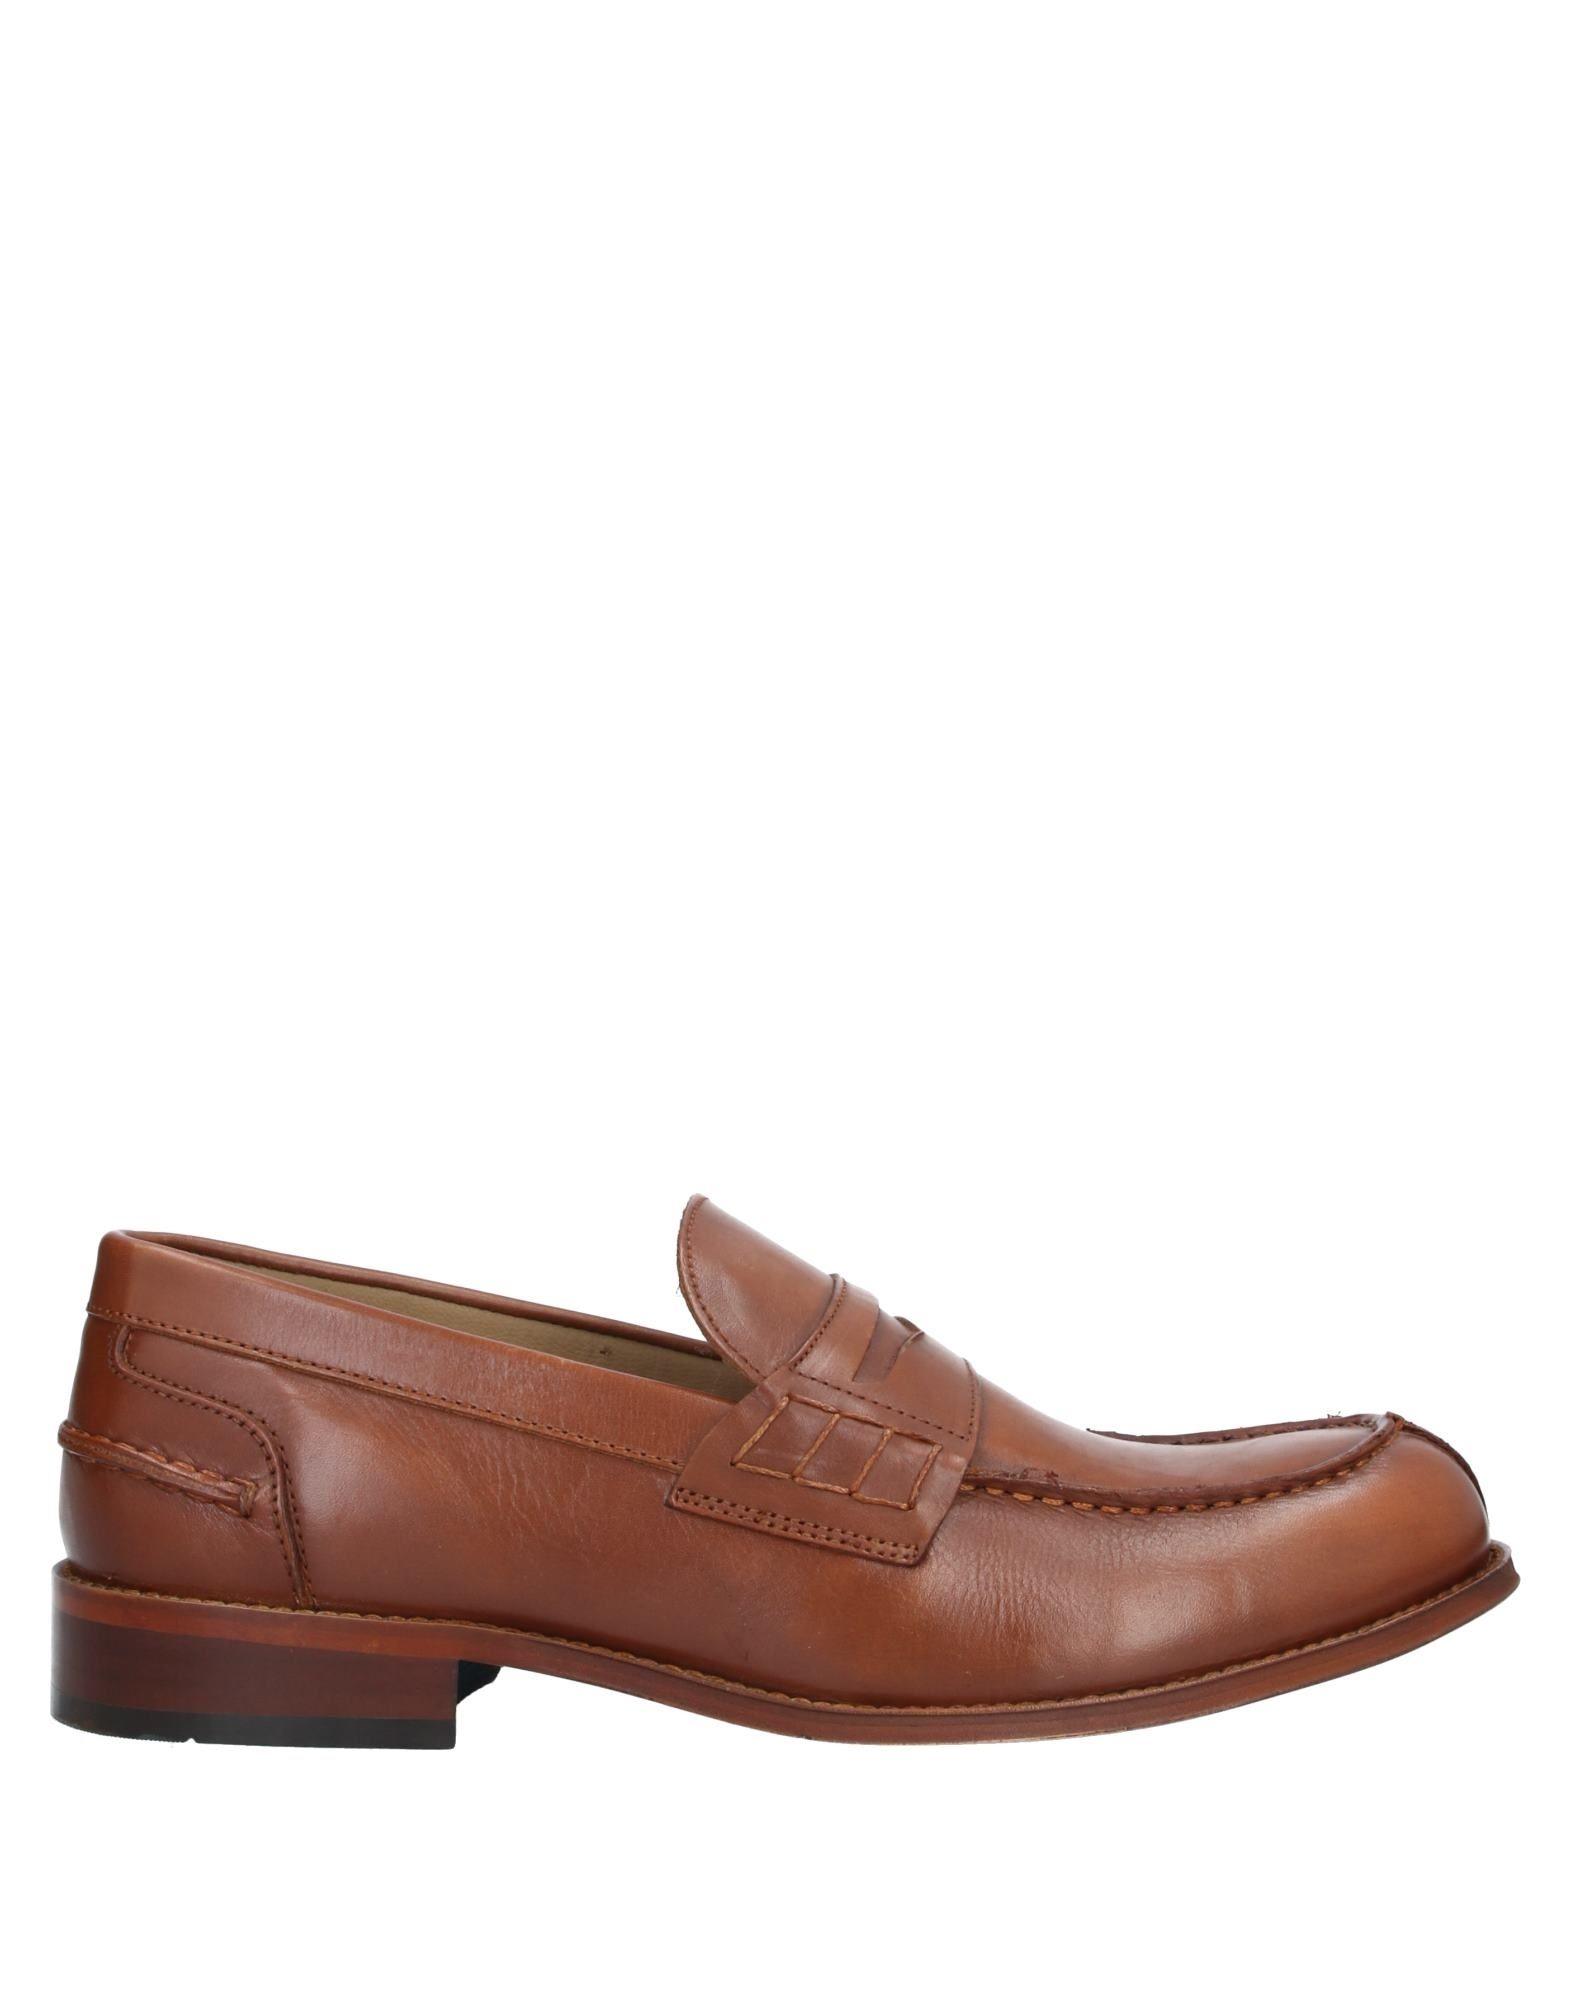 мужские сандалии купить в самаре